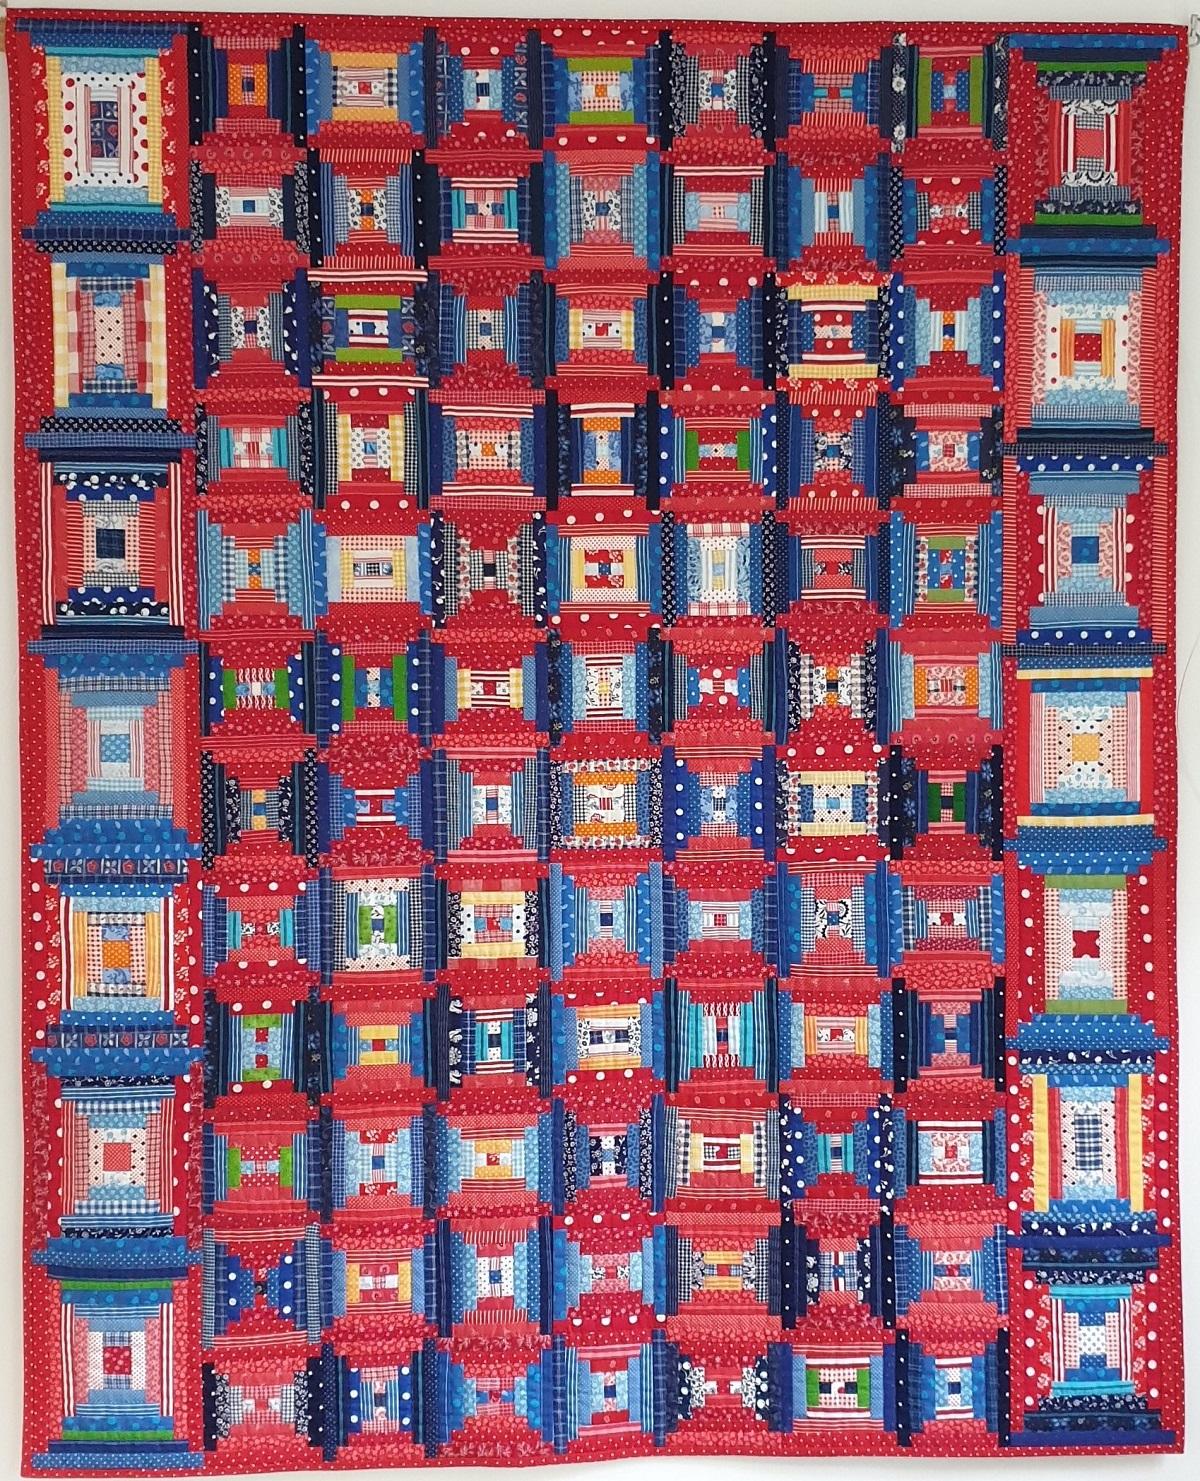 Quilt 'Hollands Glorie' door Sophia van Tongeren - Leids Wevershuis Rondom het Textielfestival - Handwerkwereld